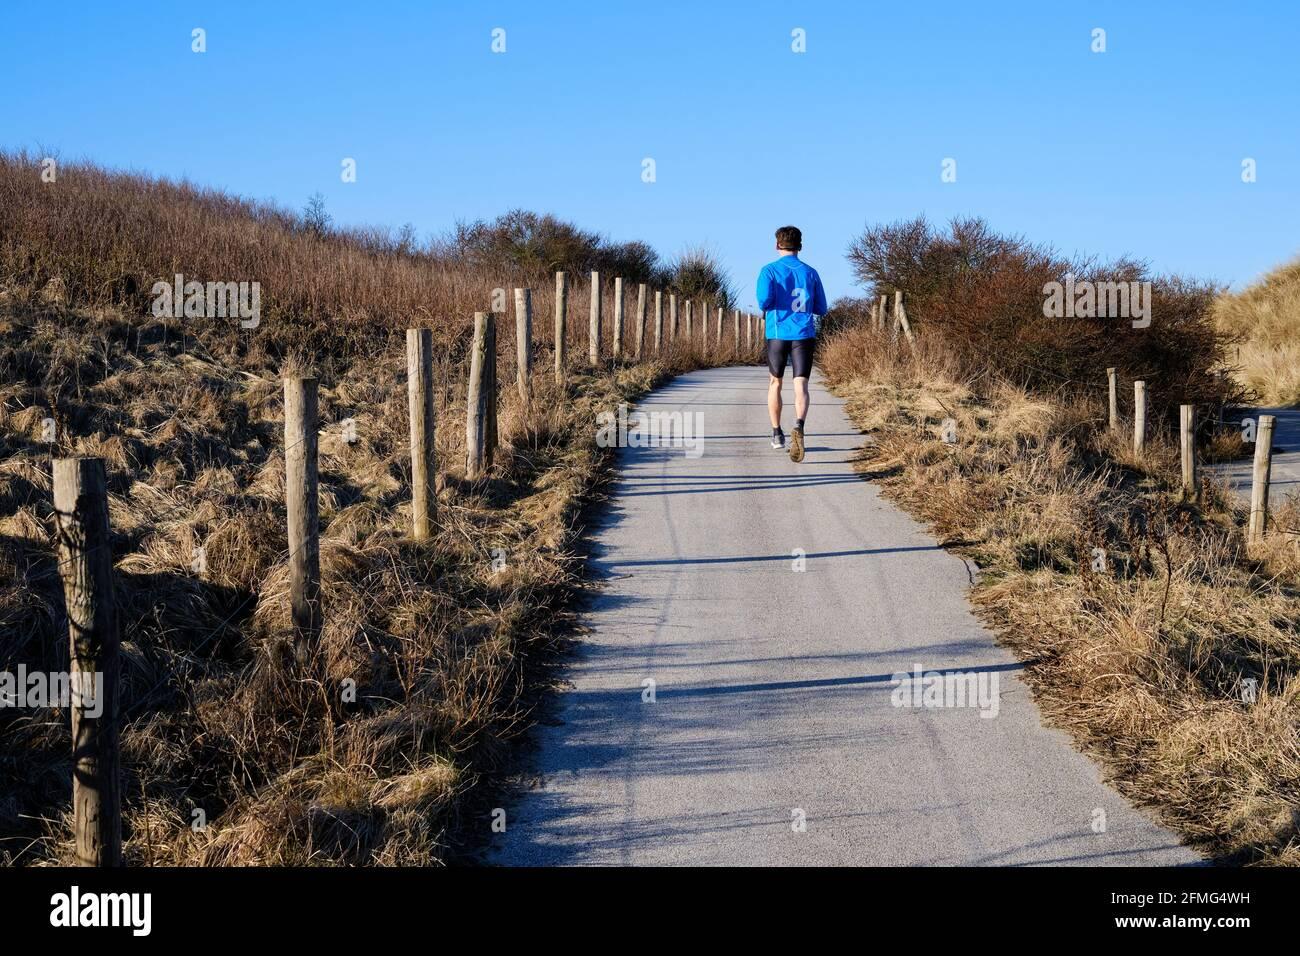 Harlopen door de Haagse duinen. | Running through the dunes of The Hague. Stock Photo